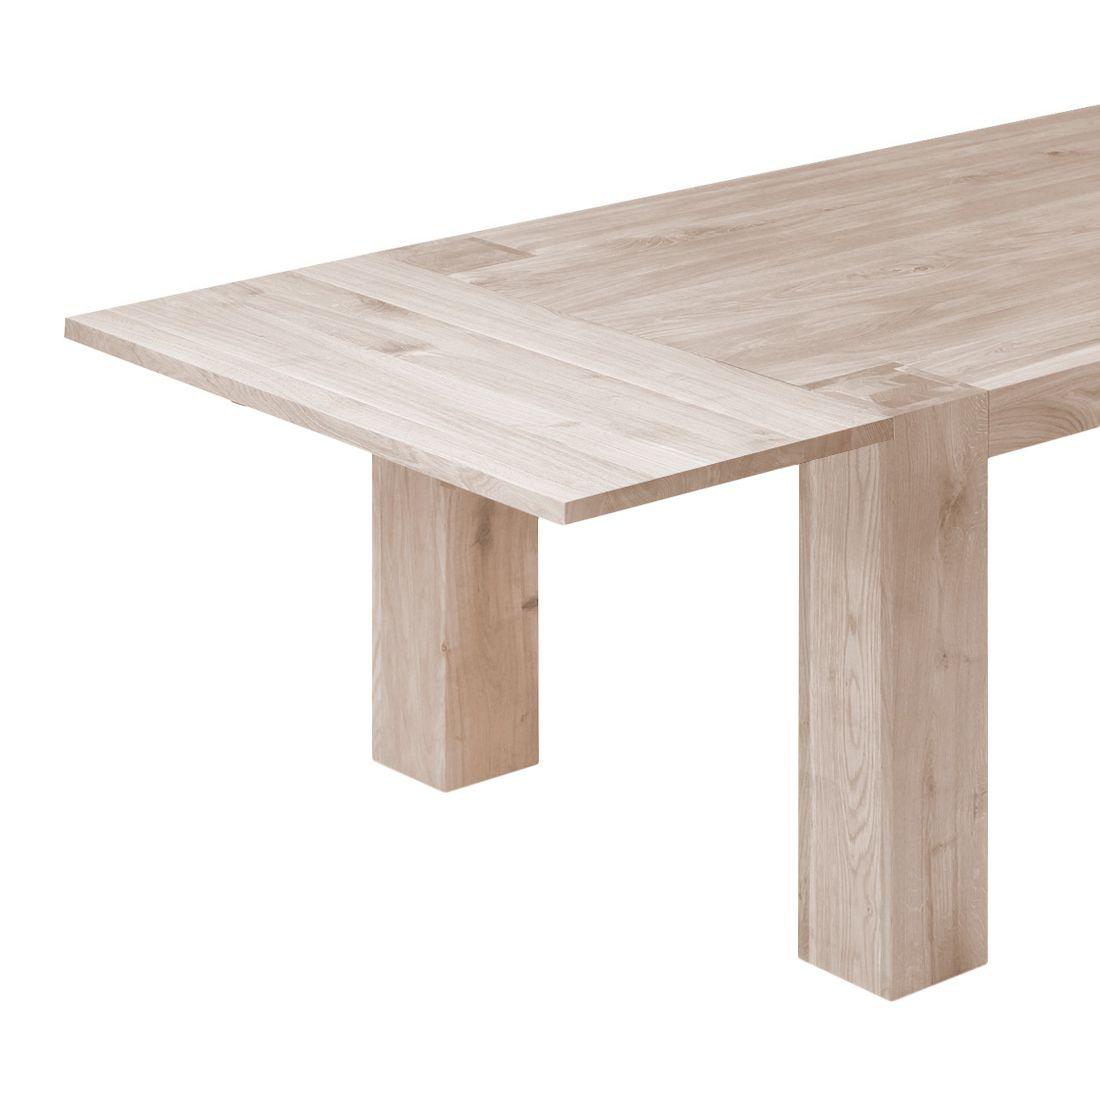 Runder Esstisch Ausziehbar Massivholz Rund Gartentisch